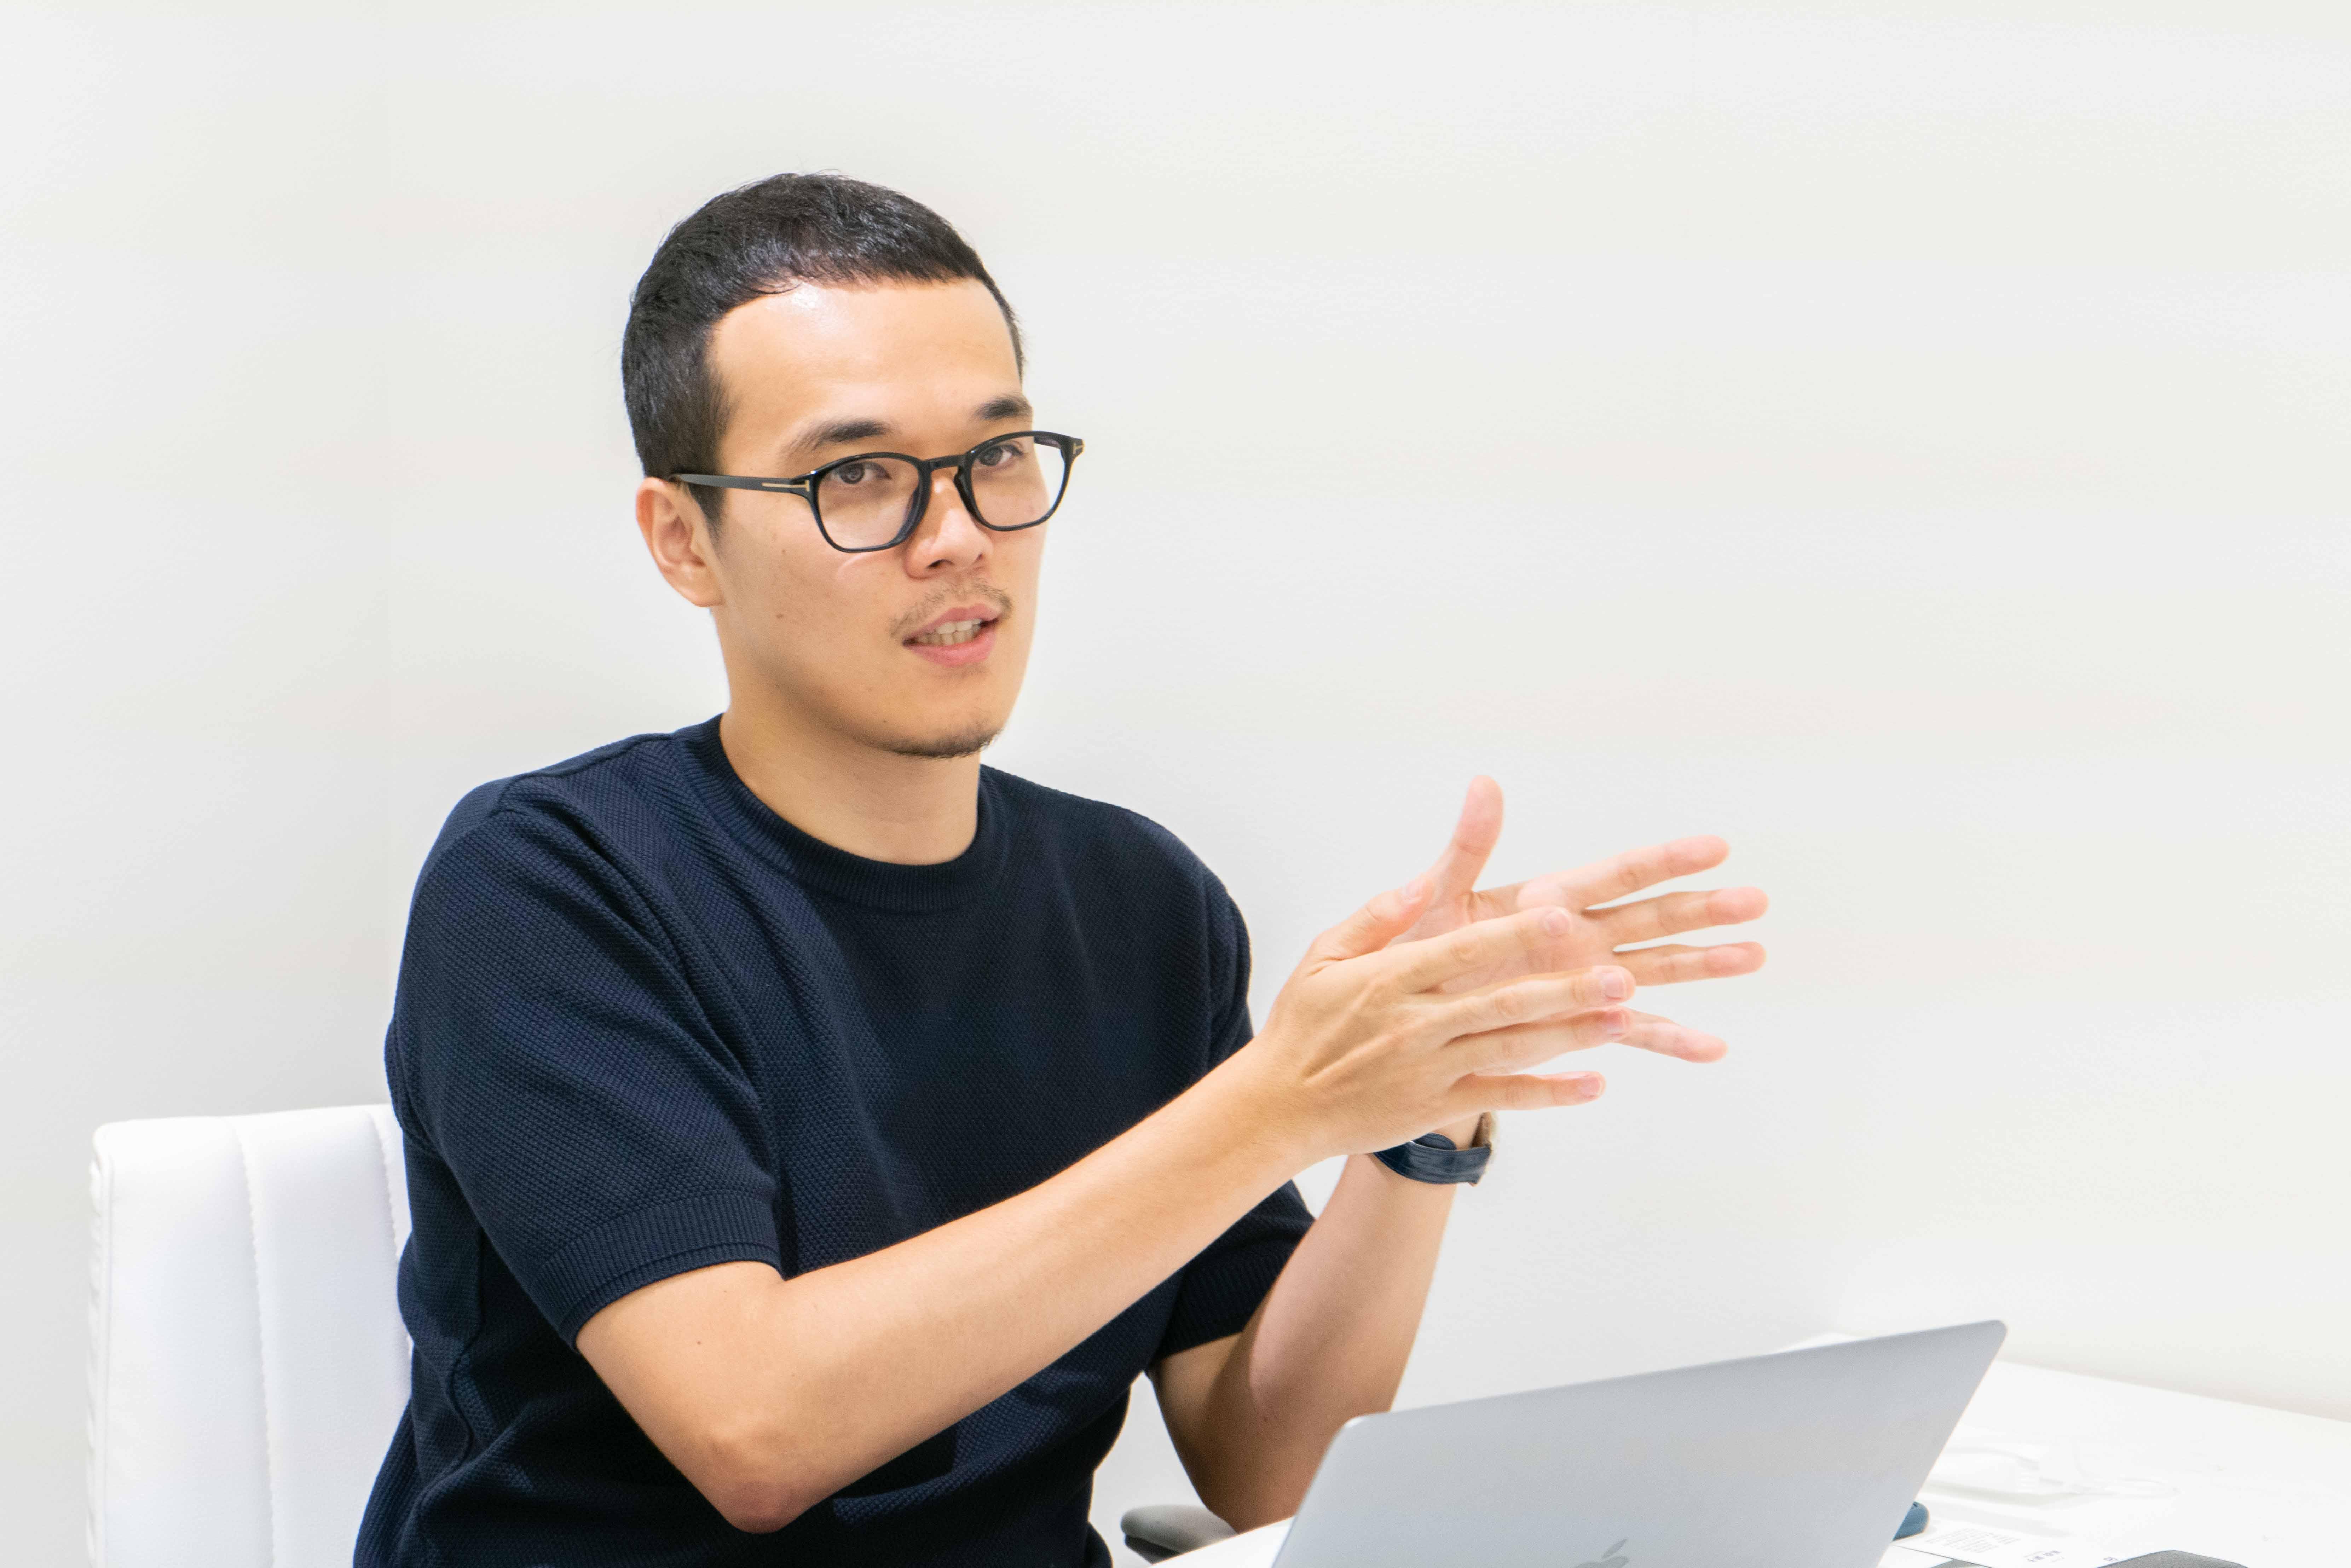 株式会社オースタンス 菊川諒人さんさん